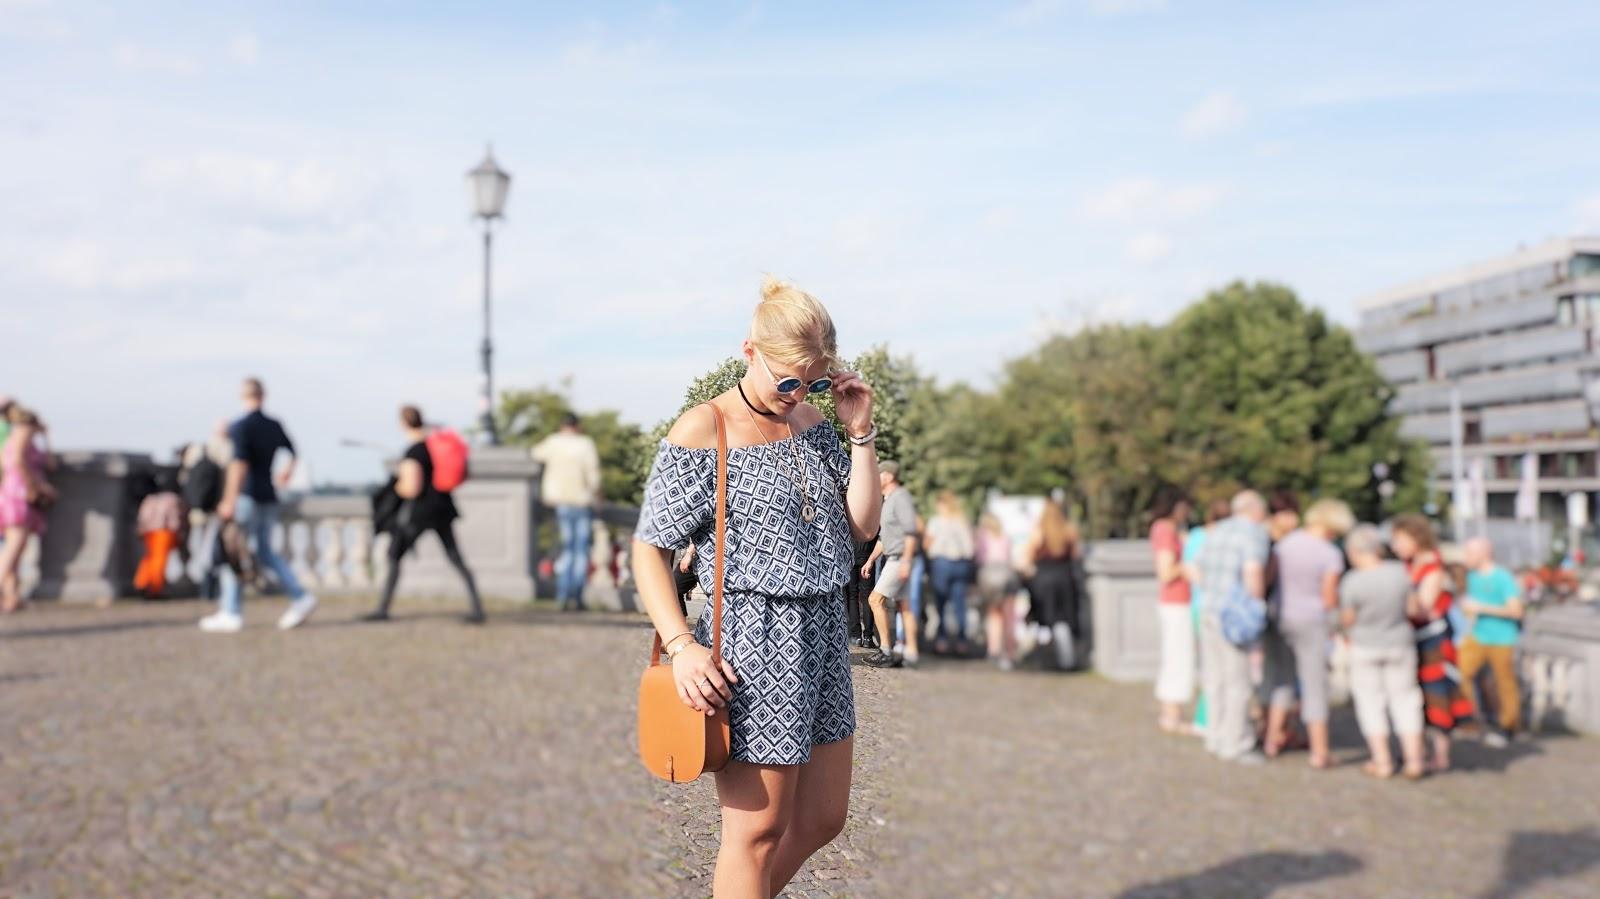 DSC07908 | Eline Van Dingenen